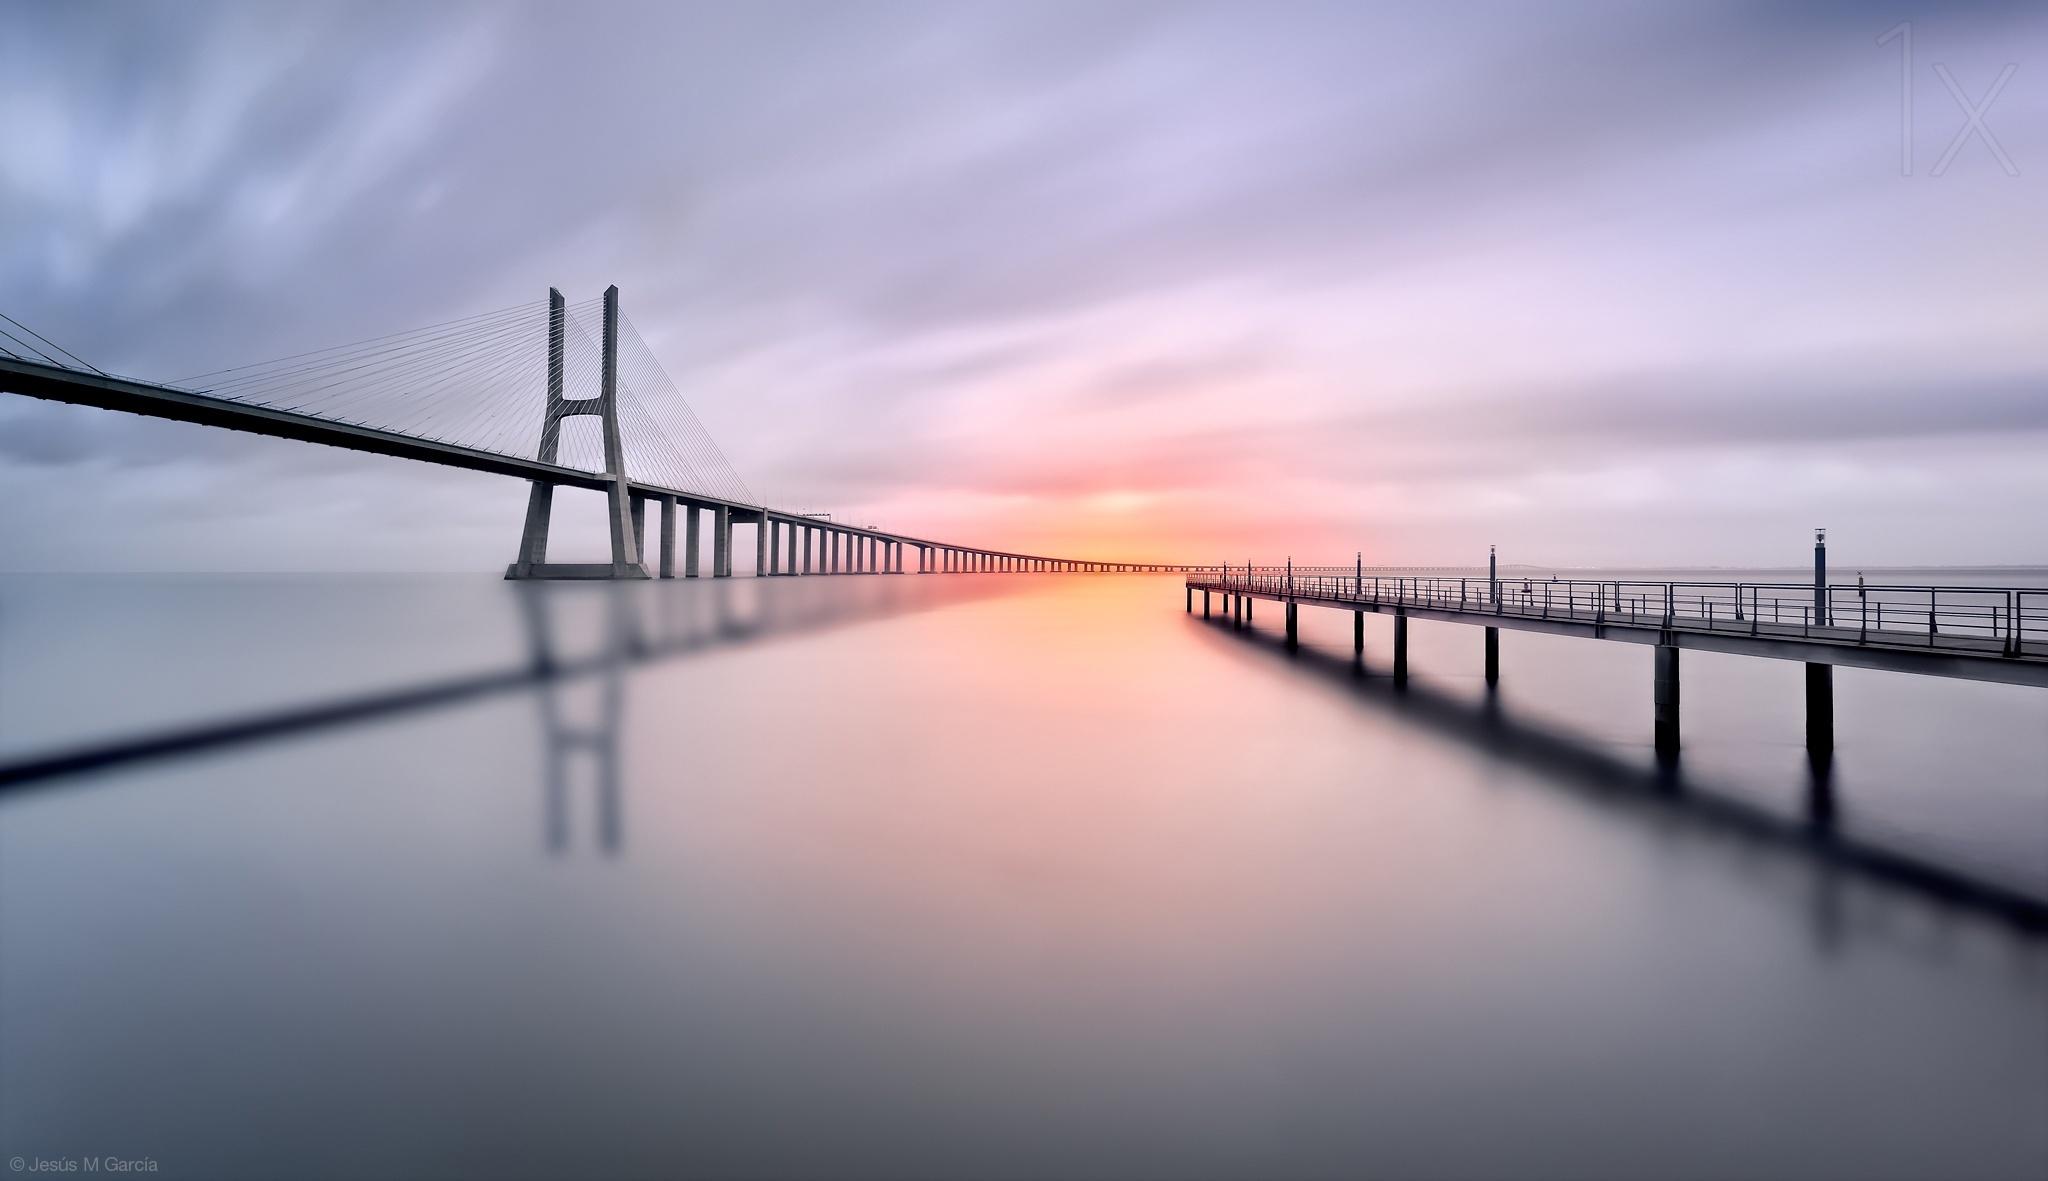 дорожки это красивые фото на ватсап мосты хоть чувствует себя